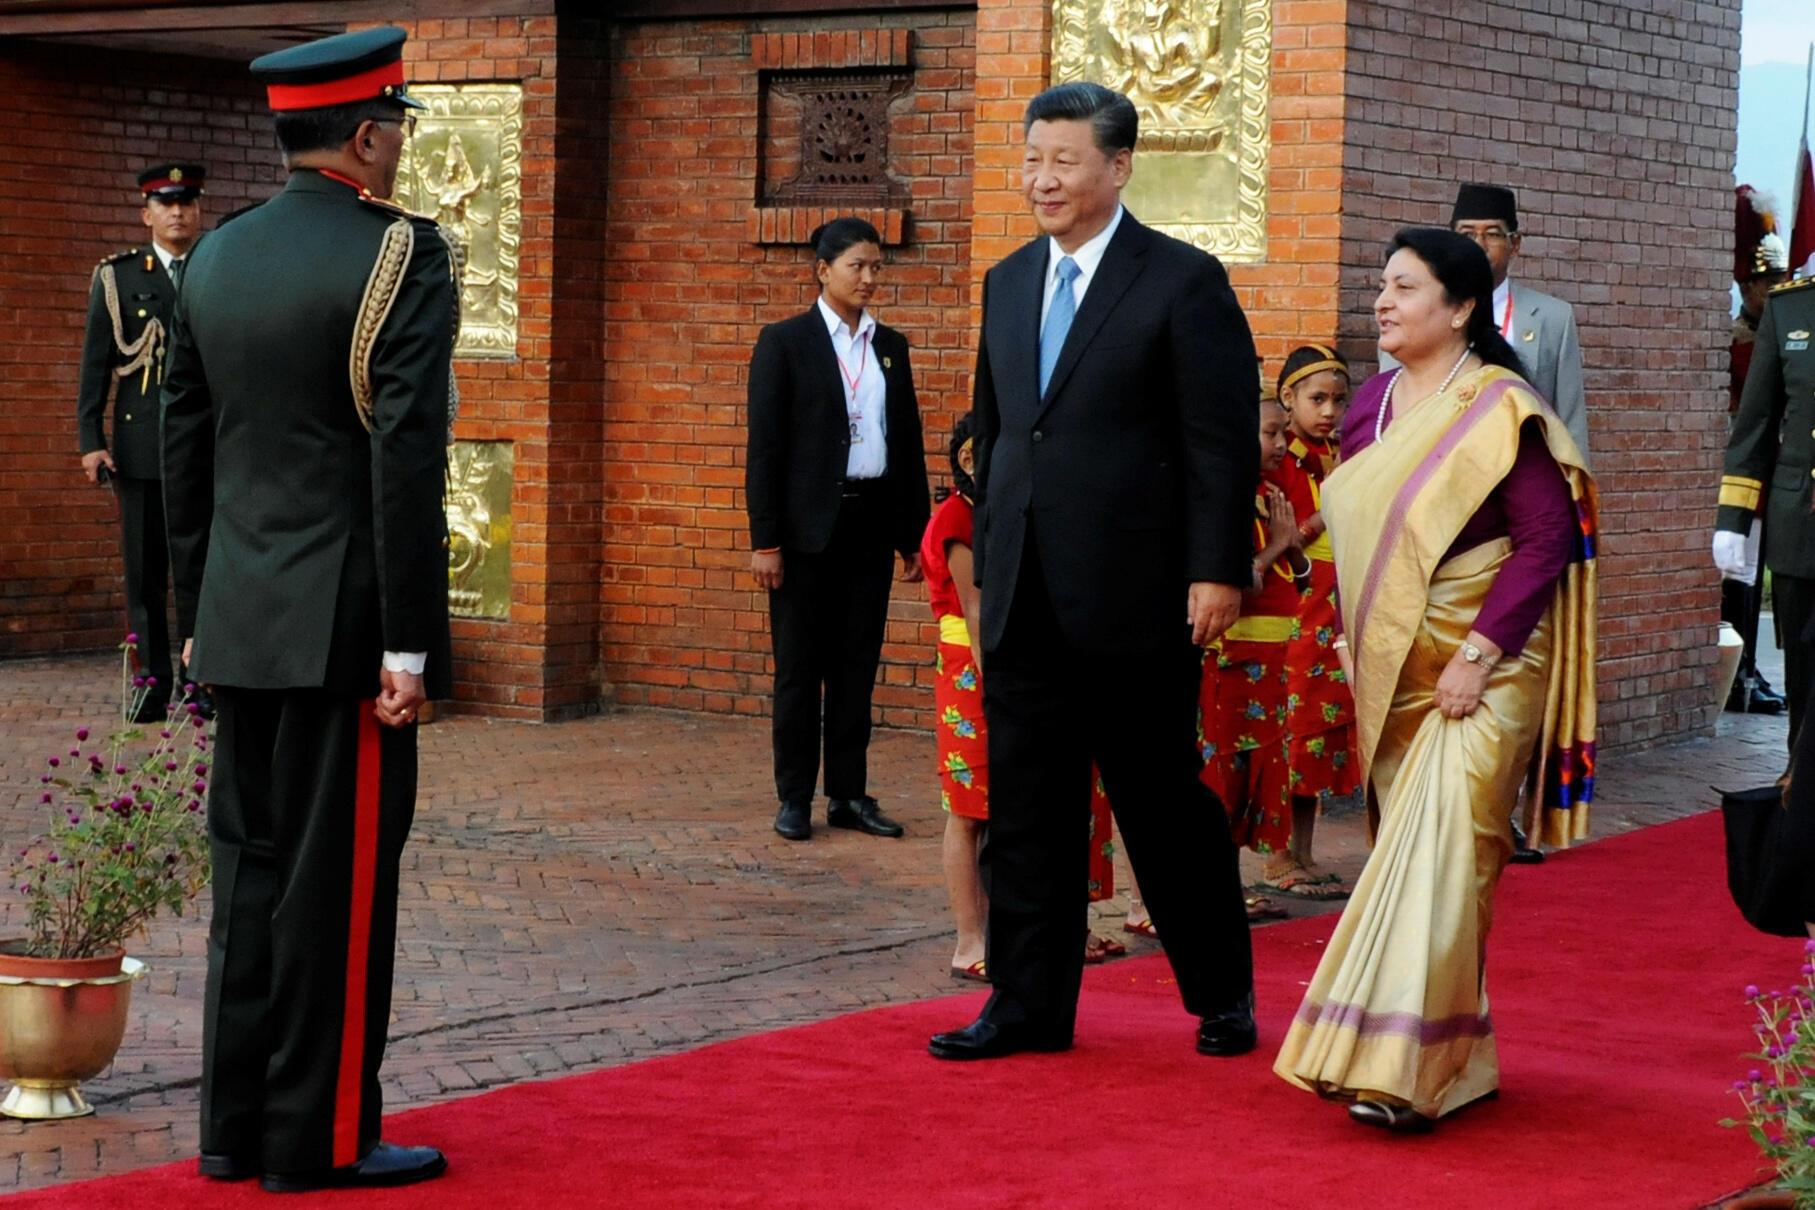 Ảnh minh họa : Chủ tịch Trung Quốc Tập Cận Bình lúc đến Nepal và được tổng thống Bidhya Devi Bhandari đón tiếp tại sân bay quốc tế  Tribhuvan, Kathmandu, ngày 12/10/2019.